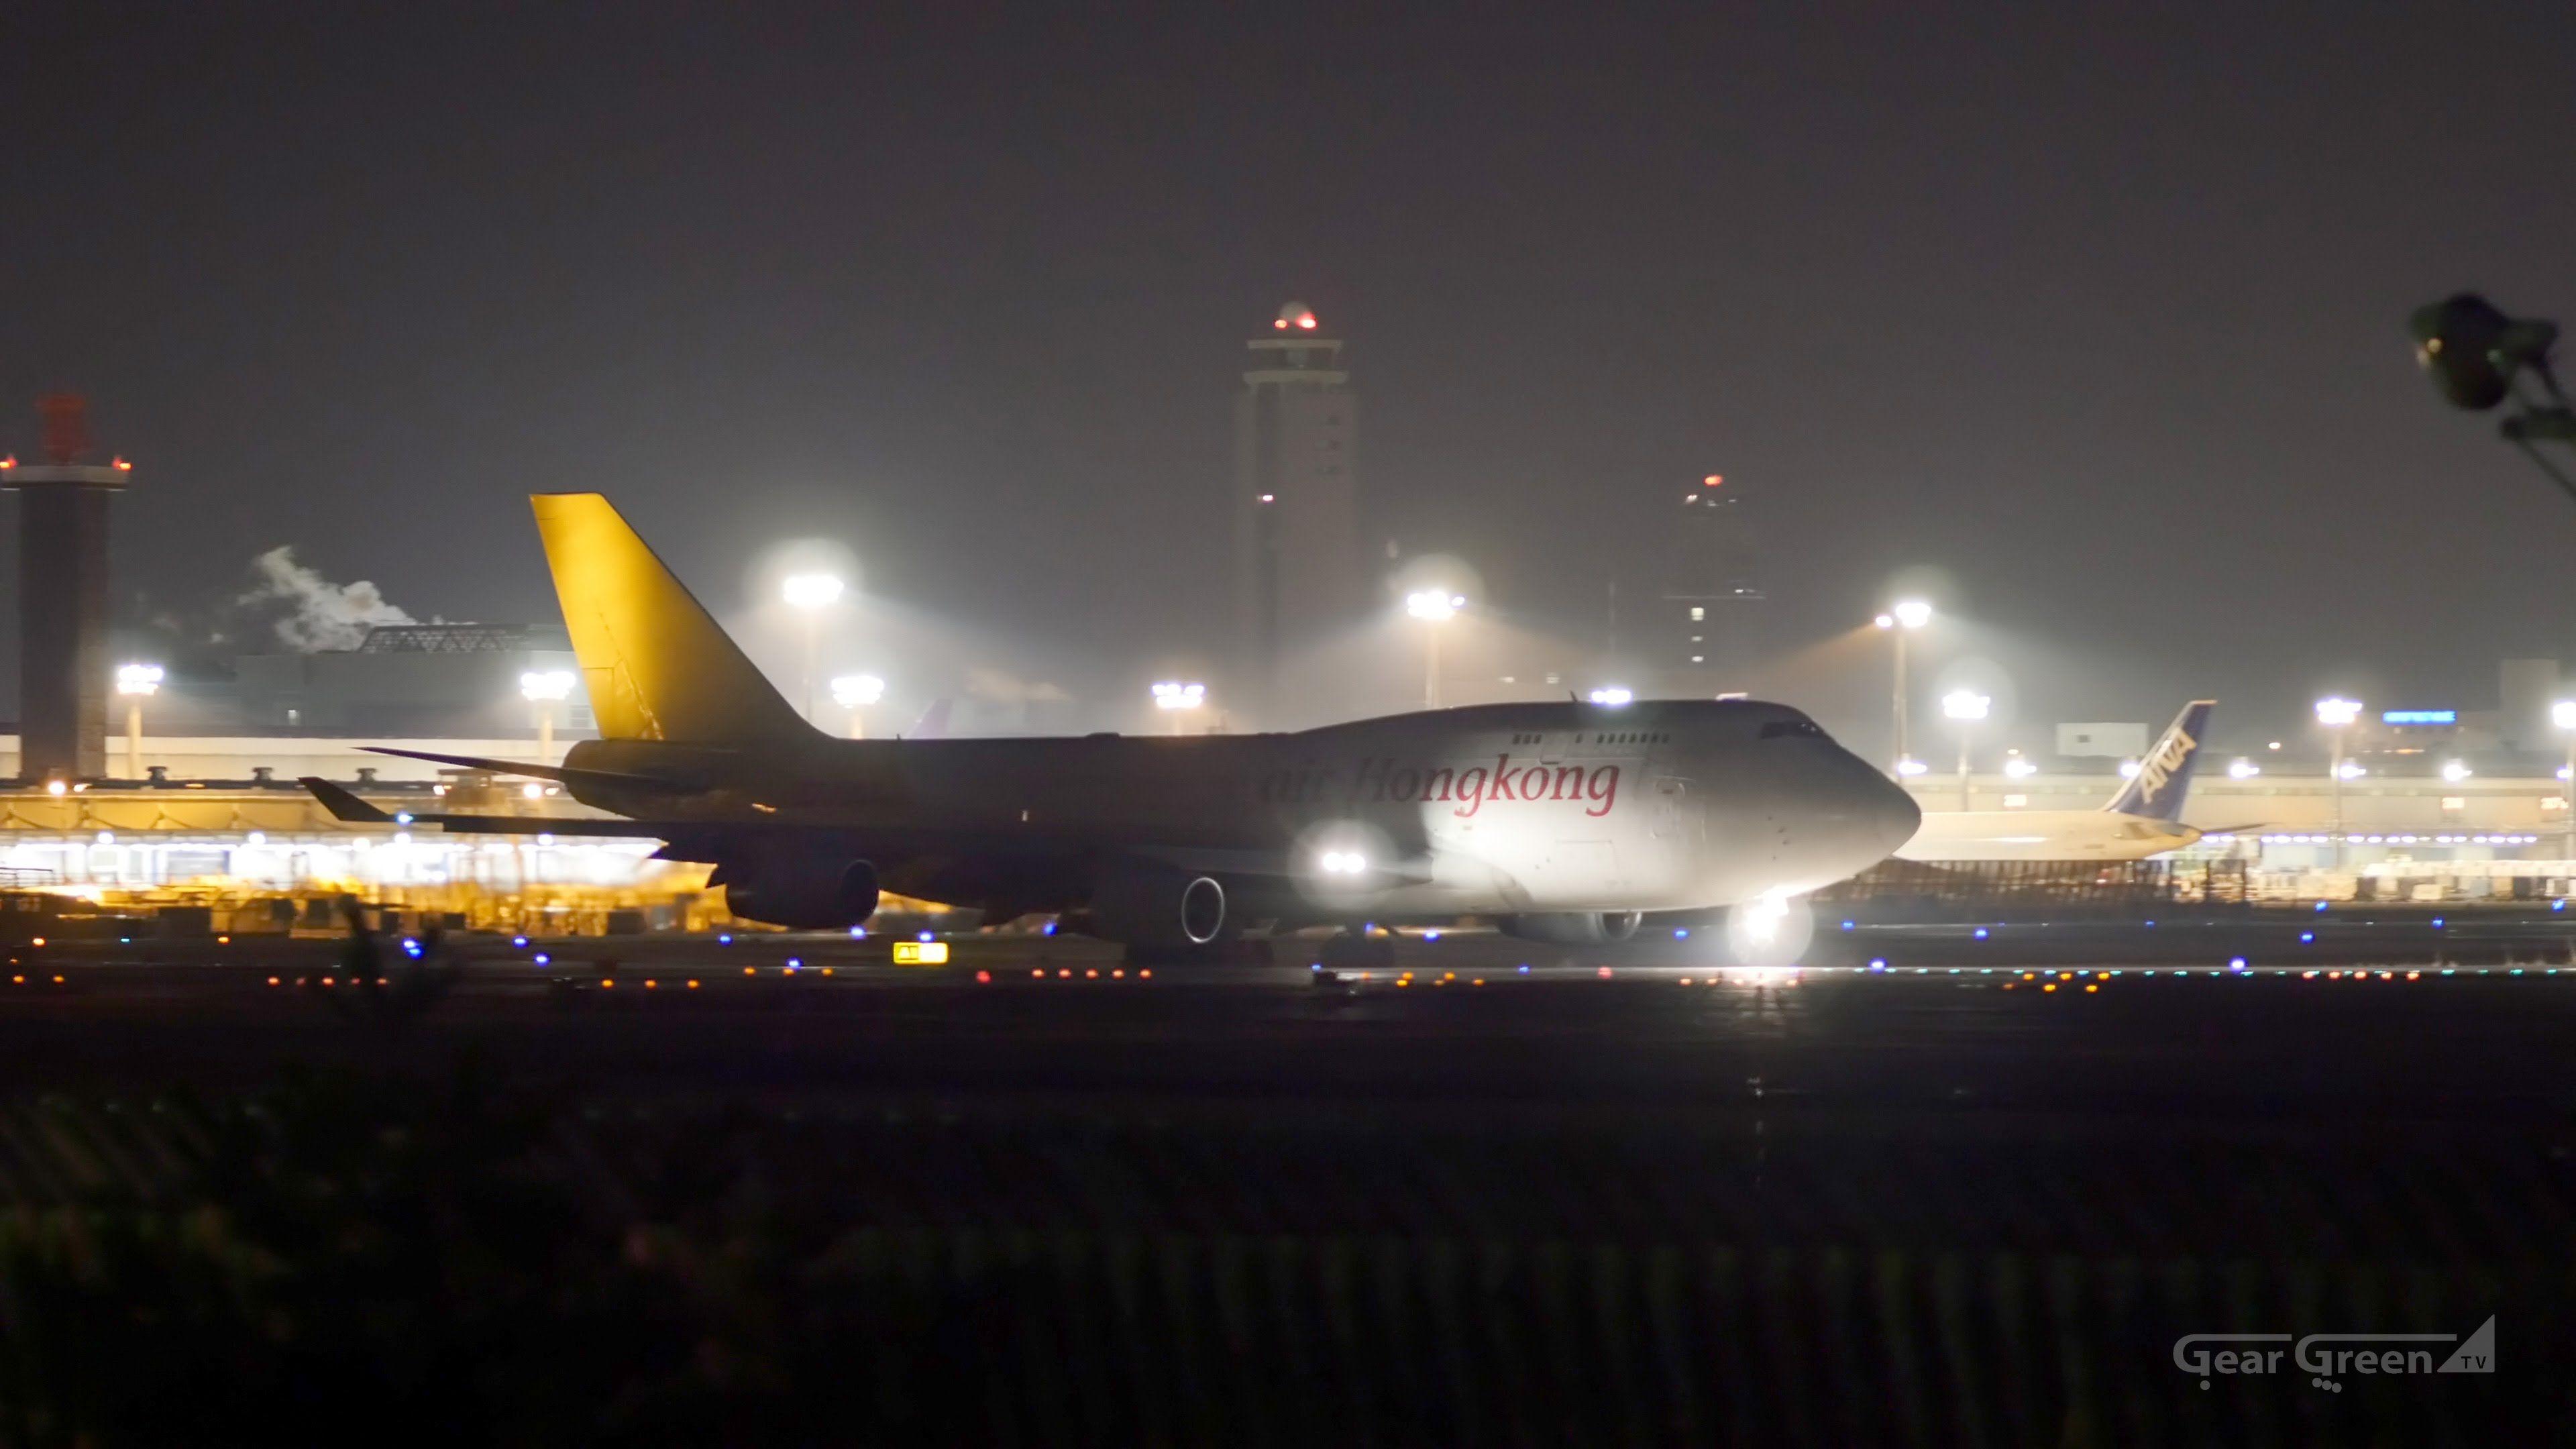 Air Hong Kong B747 400f B Hur Night Takeoff Narita Airport